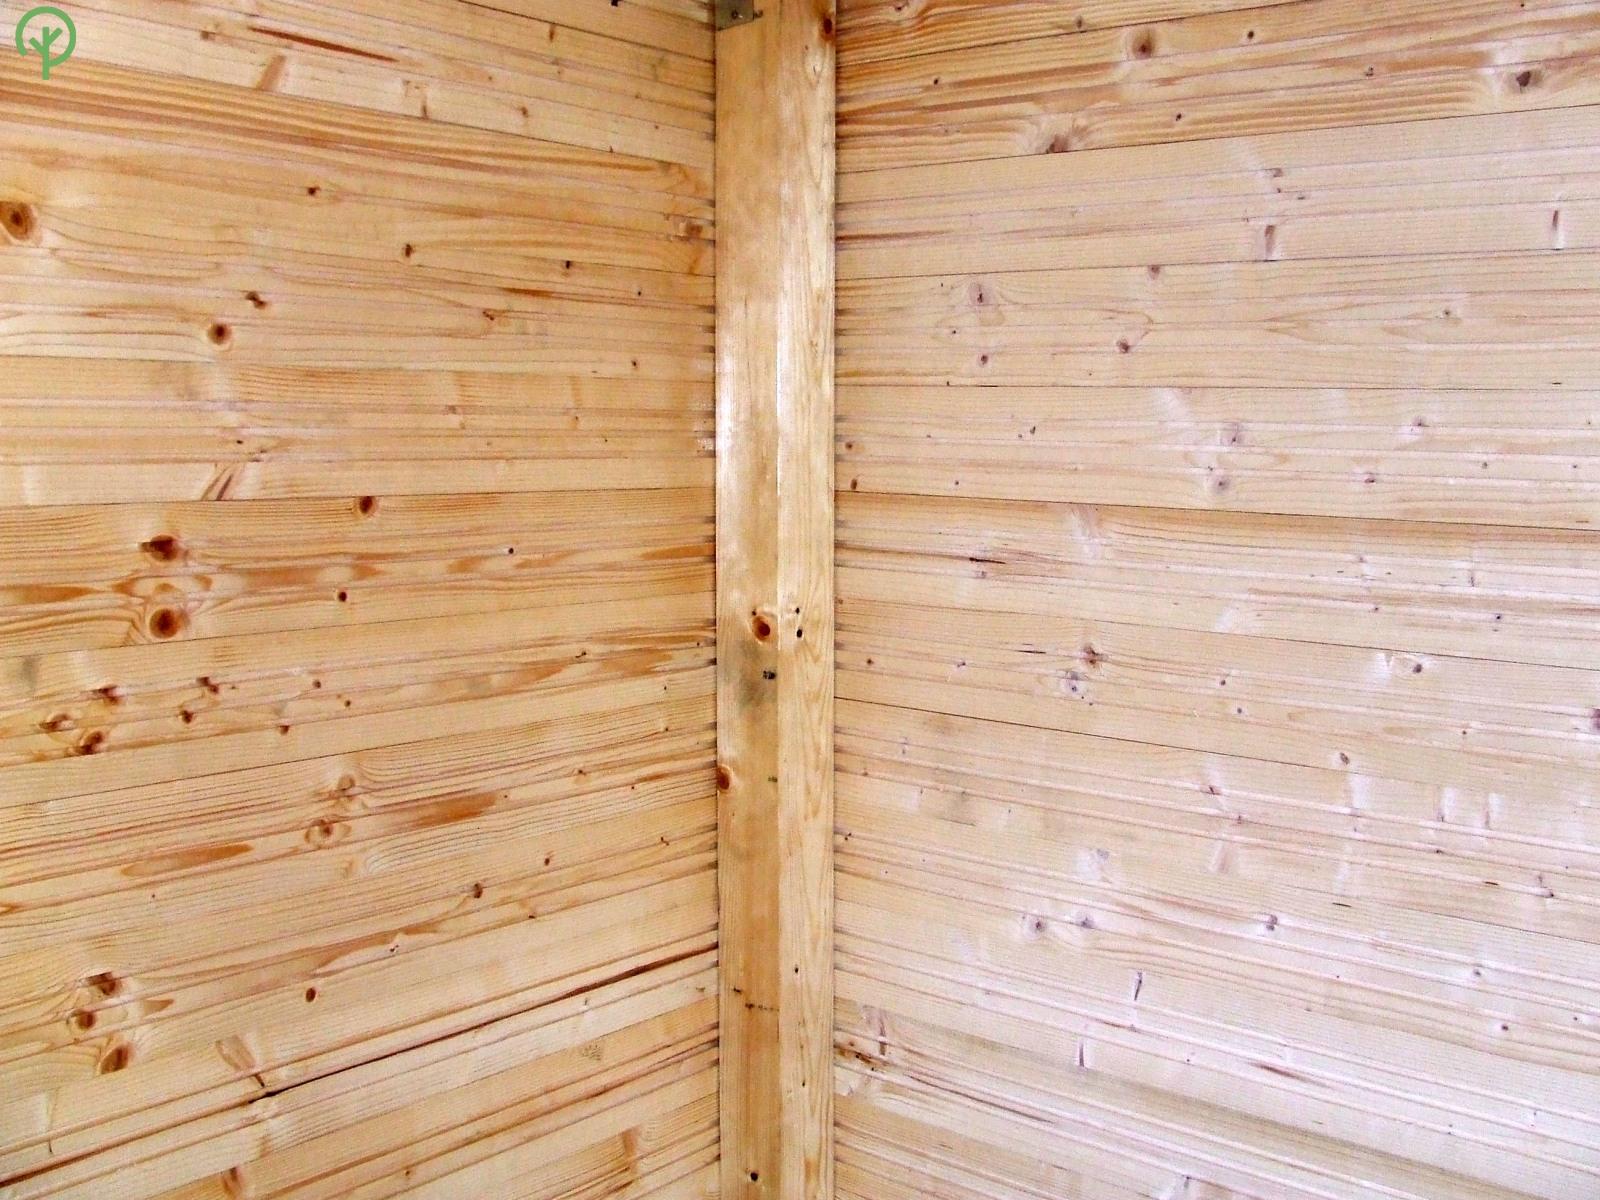 faház burkolat lucfenyőből